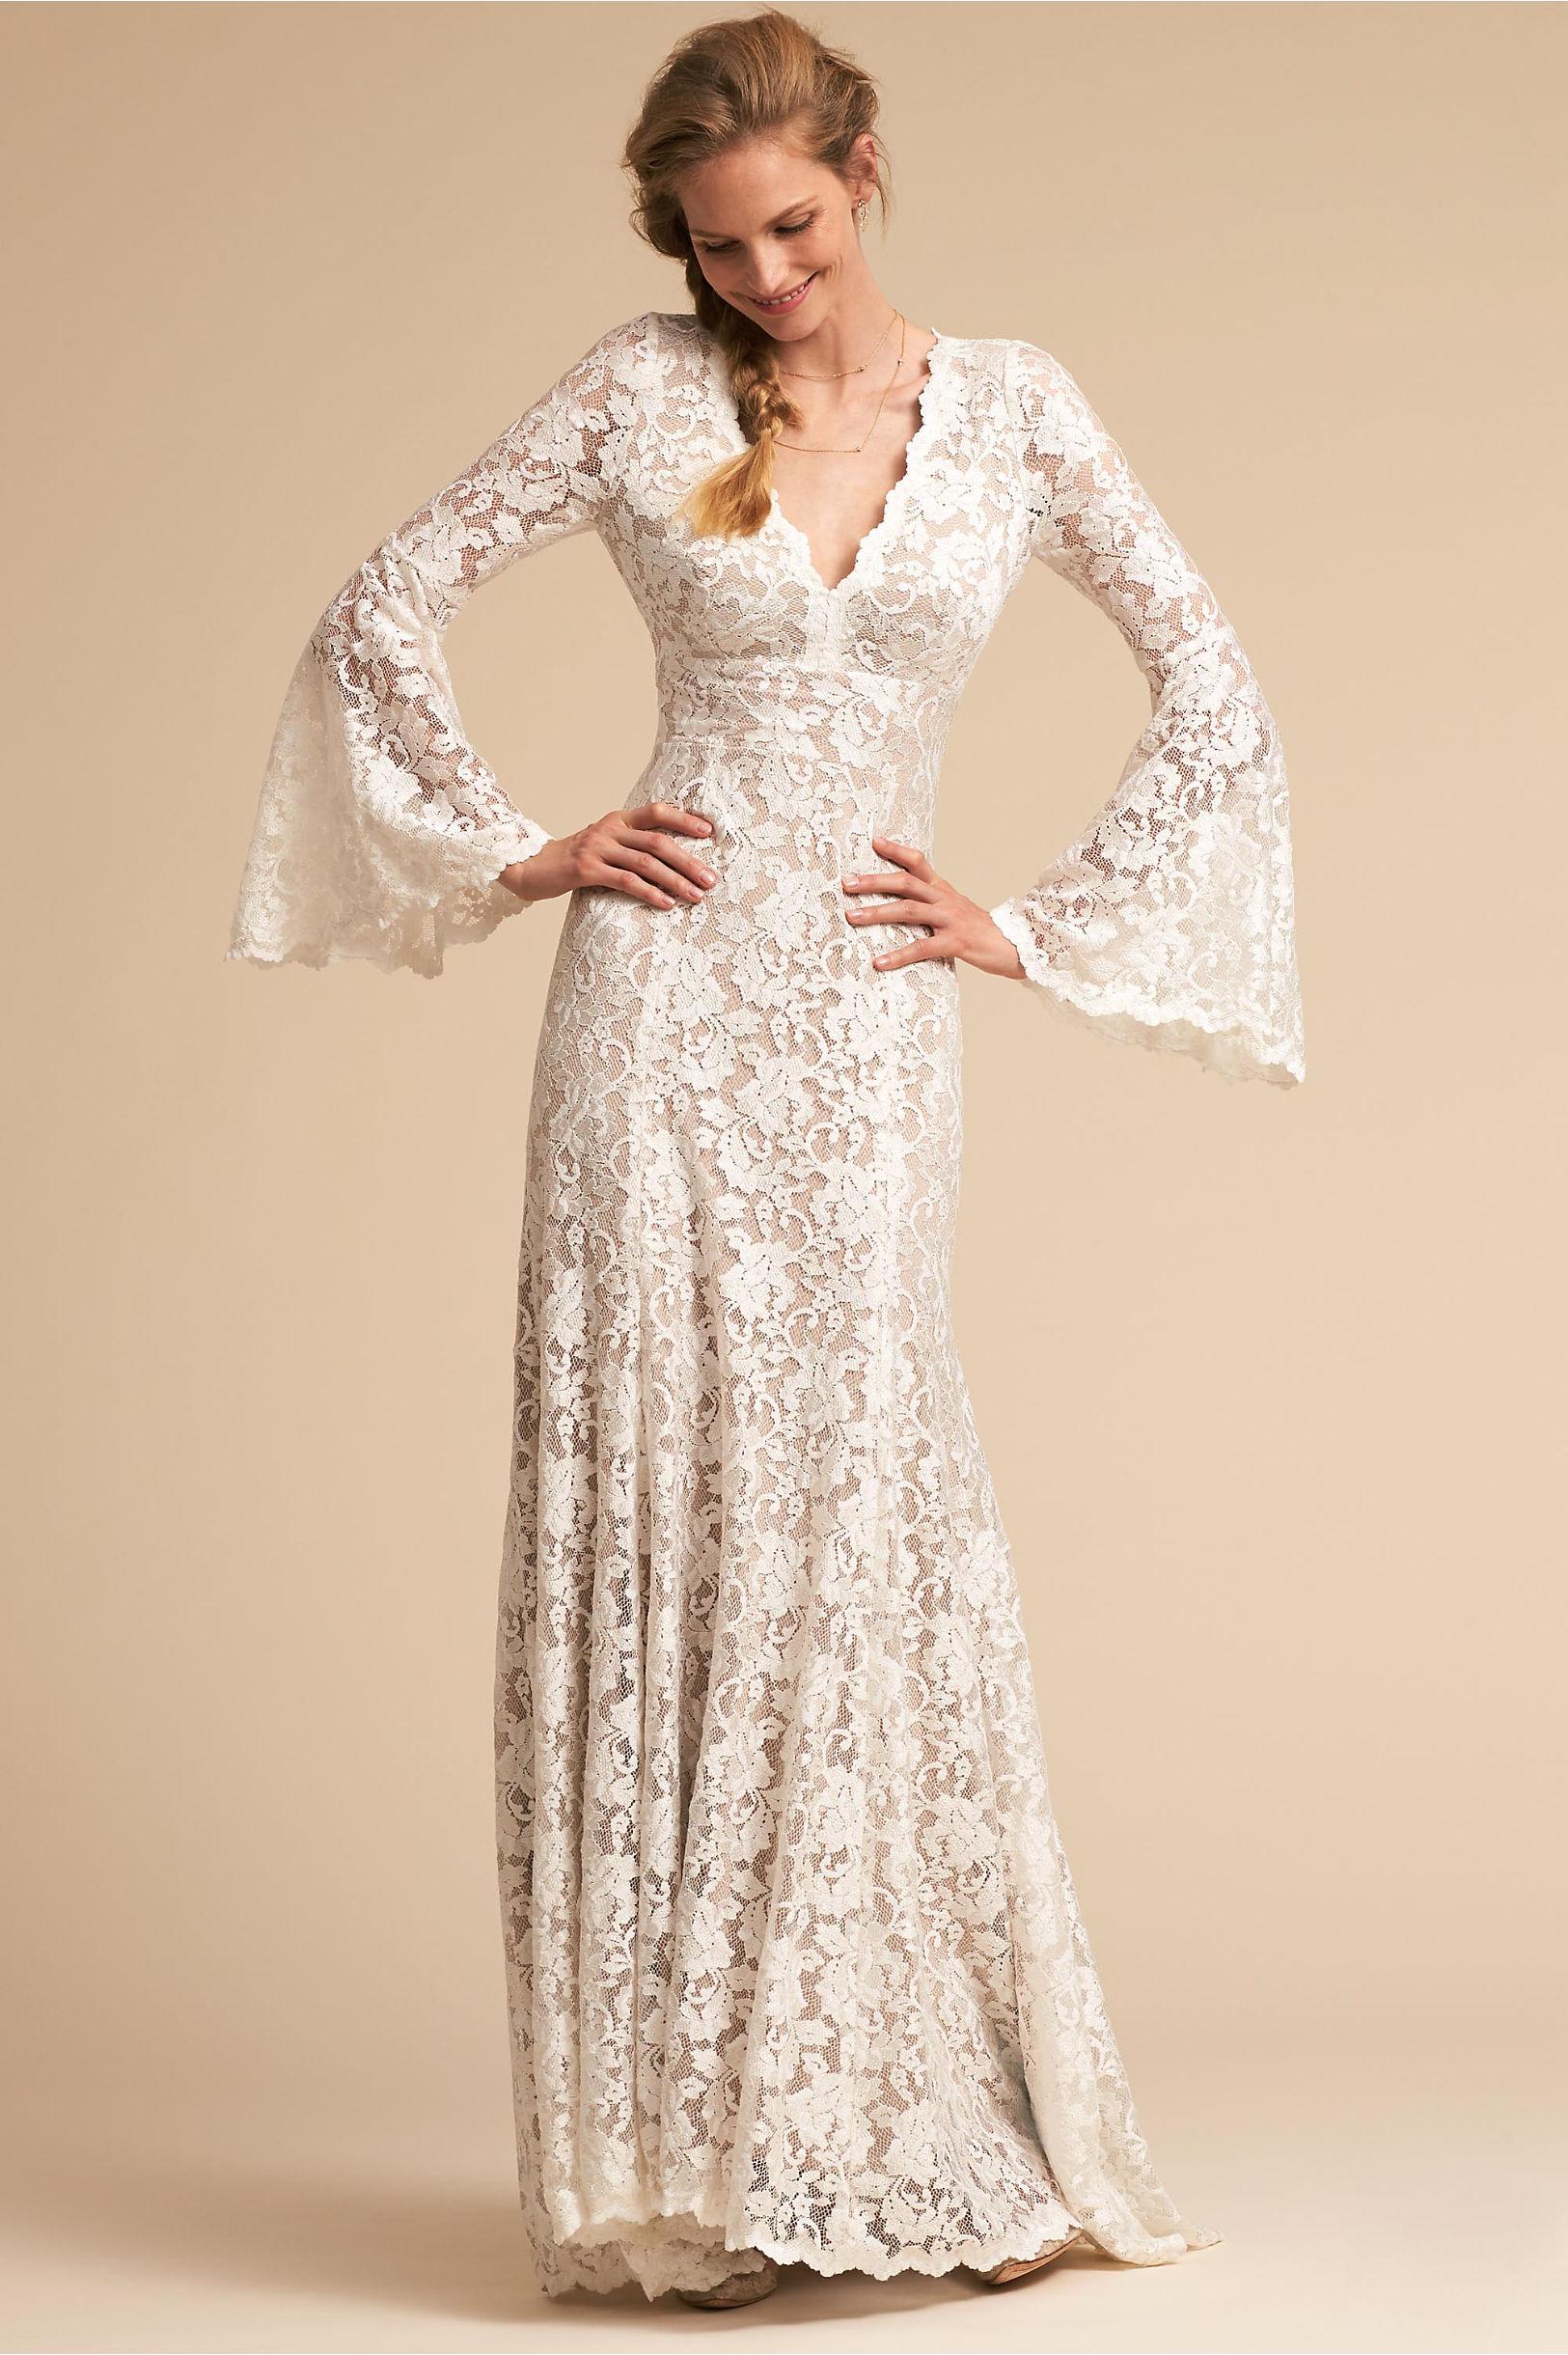 Vintage Inspired Wedding Dress | Vintage Style Wedding Dresses Lucca Gown $900.00 AT vintagedancer.com